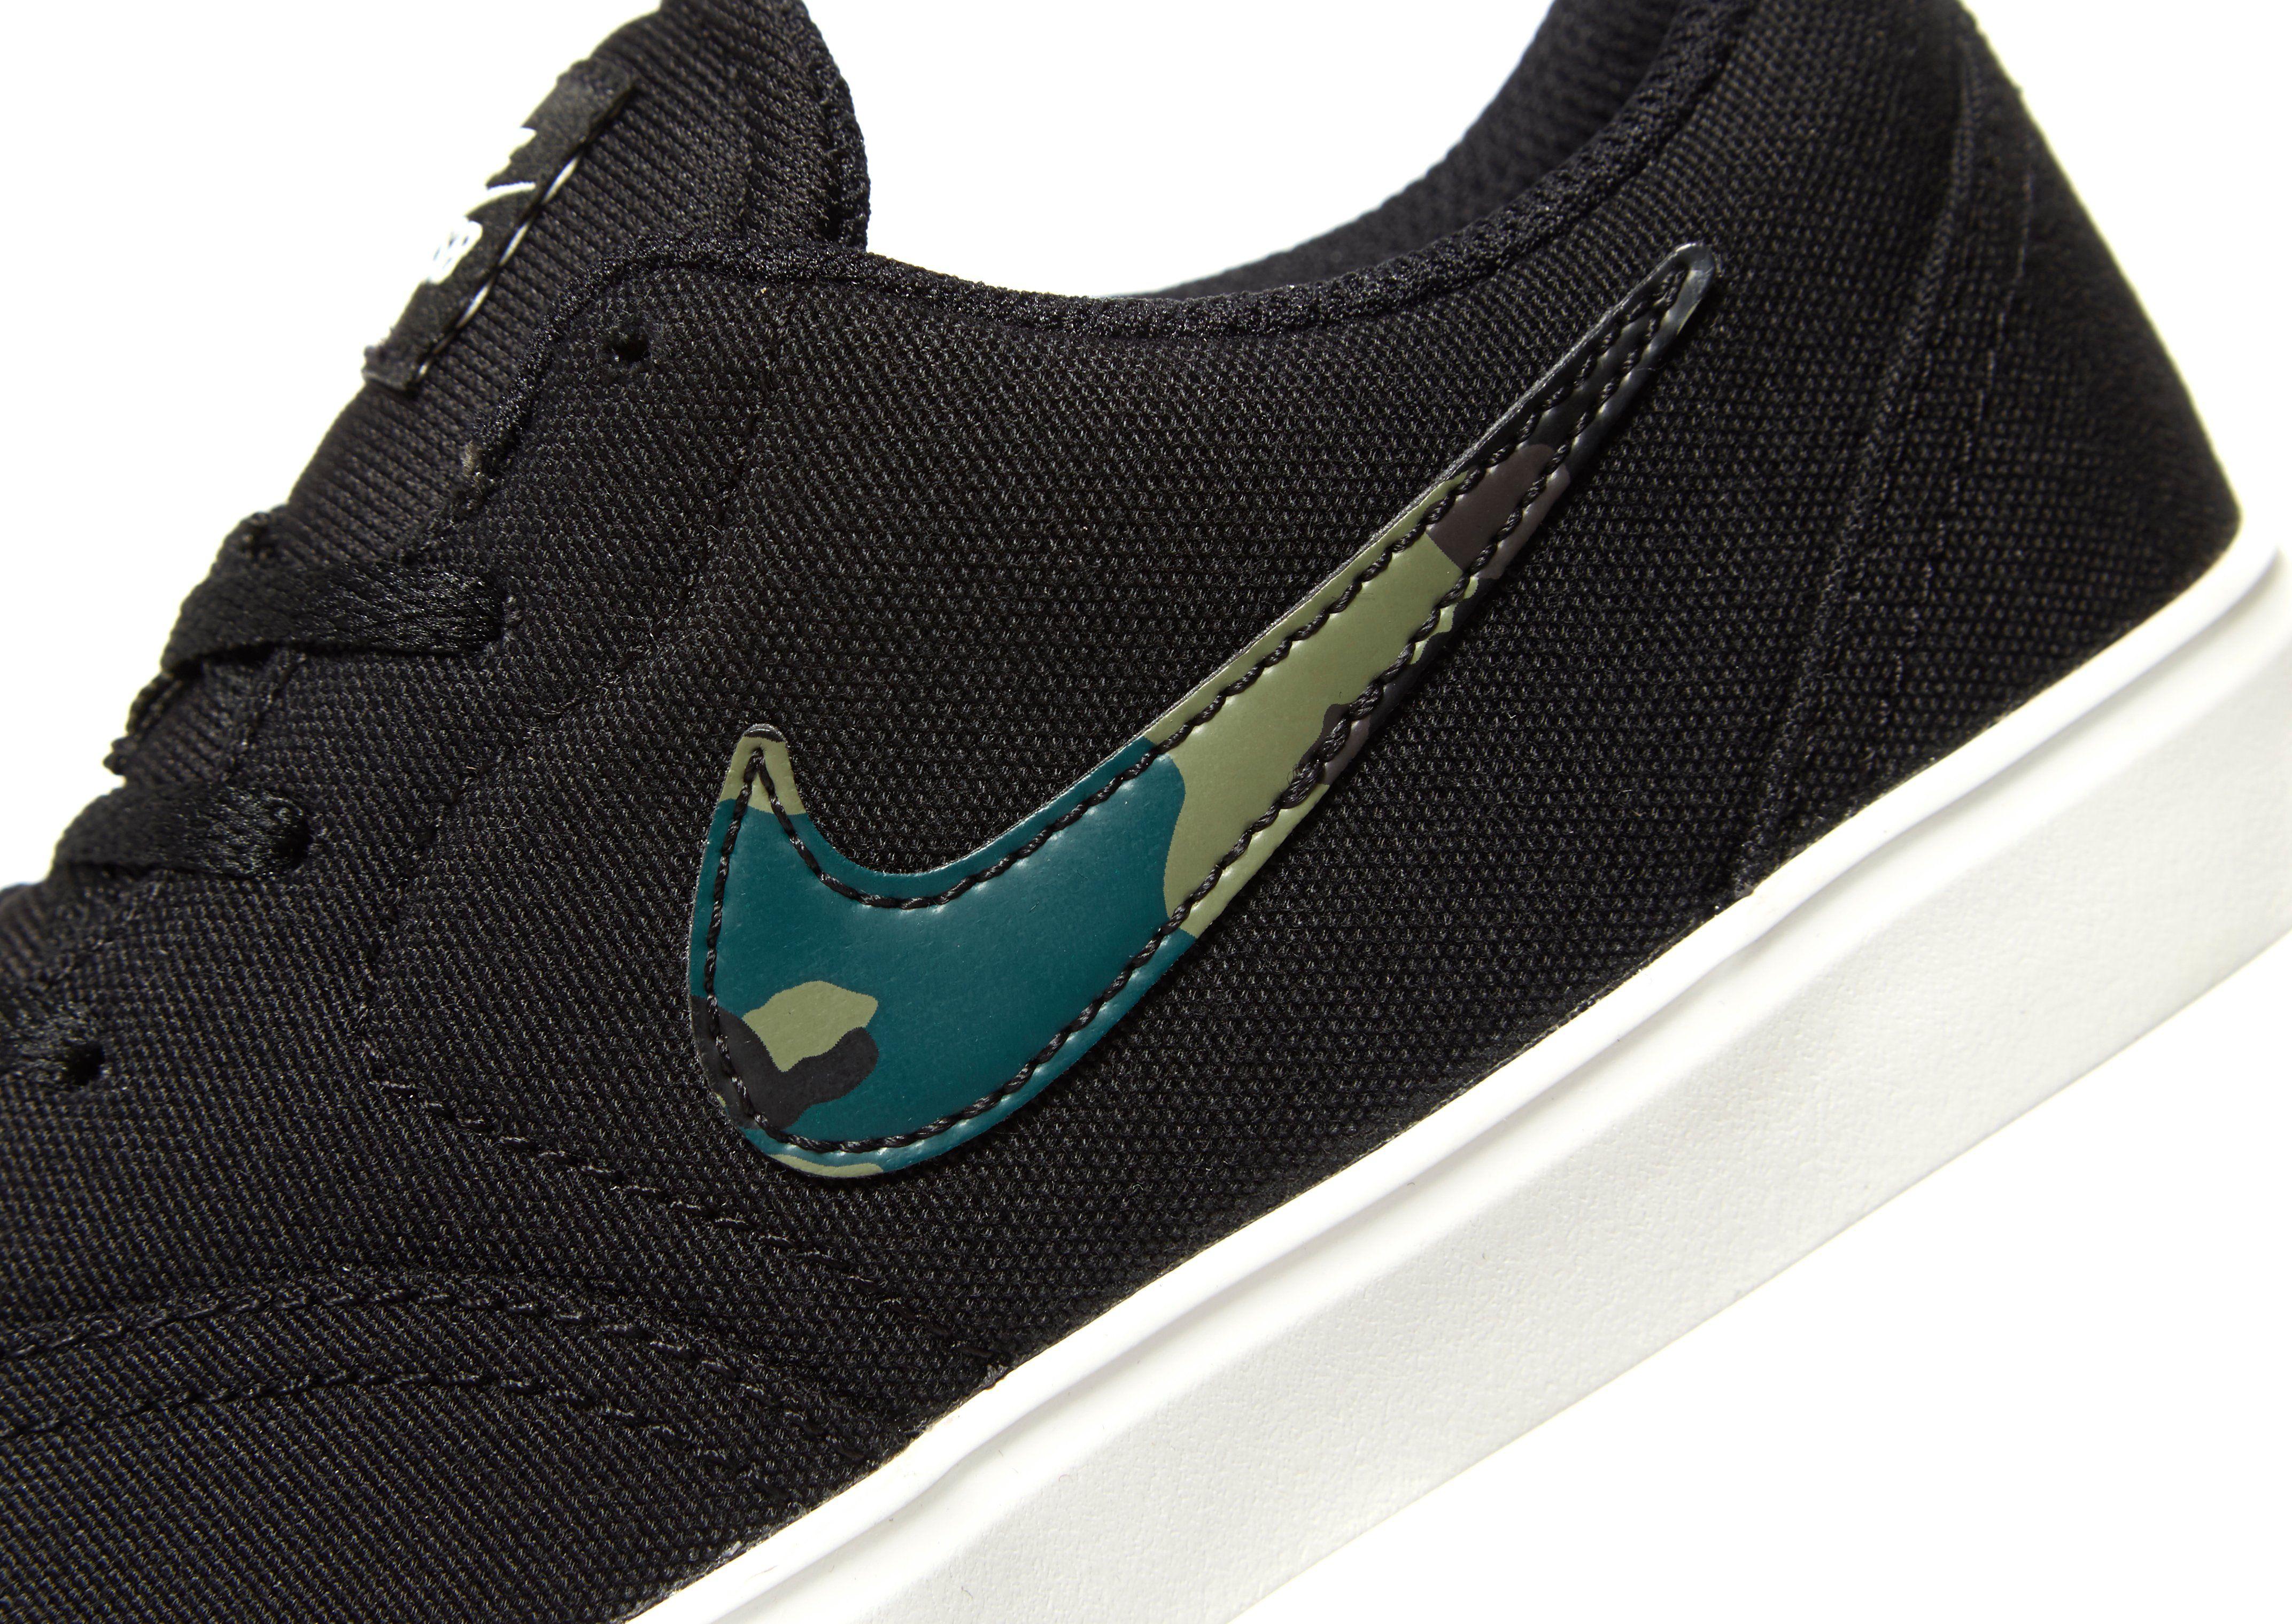 Nike SB Check Children Schwarz Spielraum Echt Günstig Kaufen Websites 2GbIxwpE